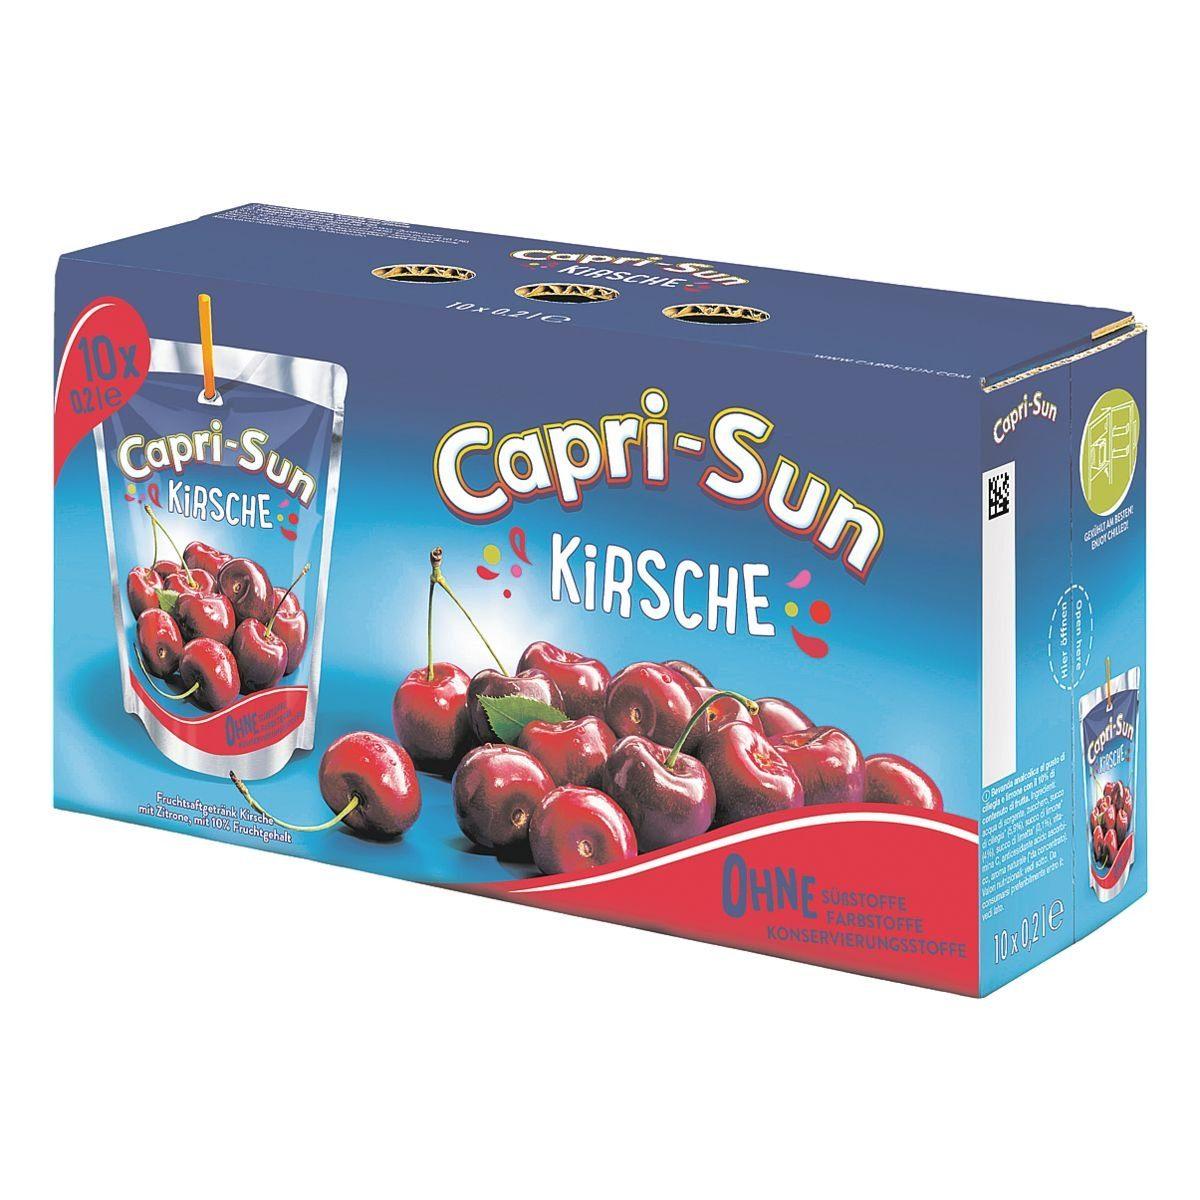 CAPRI-SUN Fruchtsaftgetränk »Capri-Sun Kirsch«